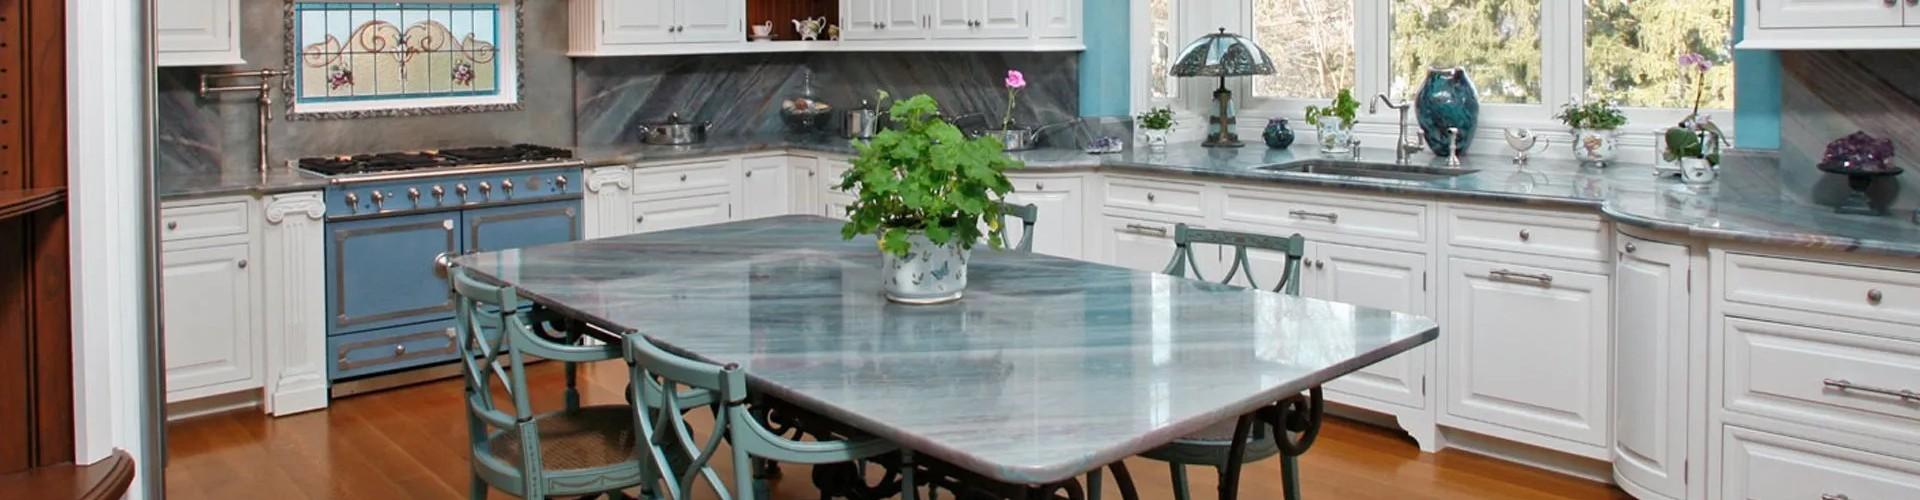 Marble & Granite Fabricators